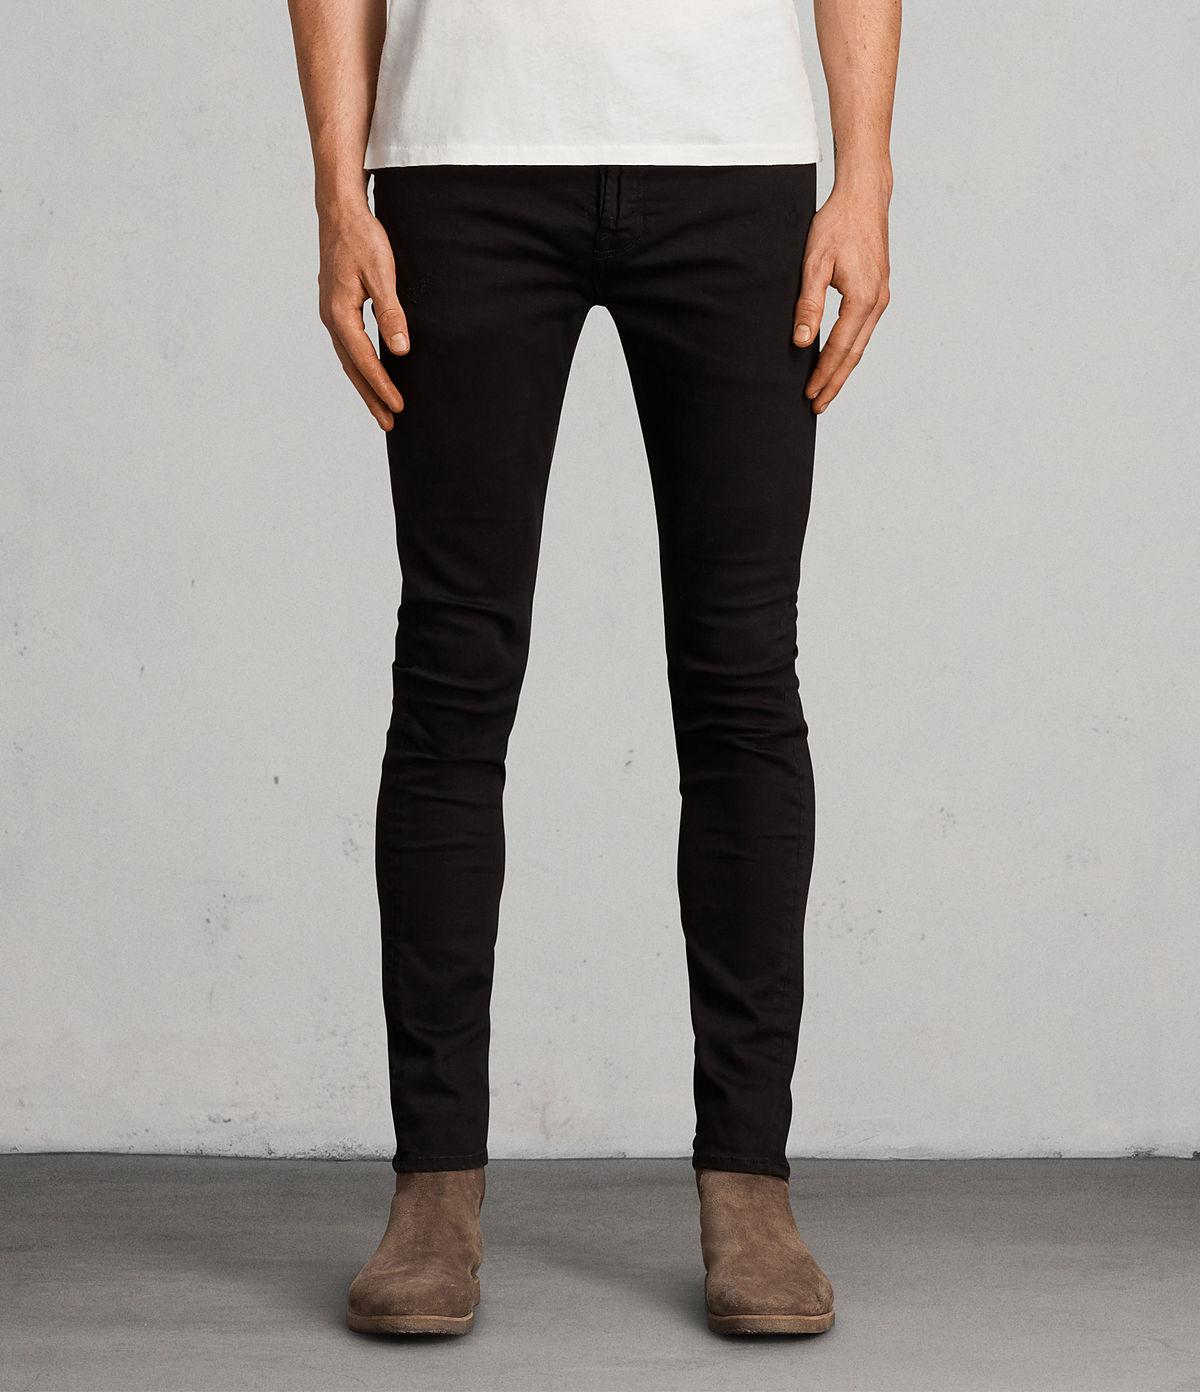 blouis-cigarette-jeans